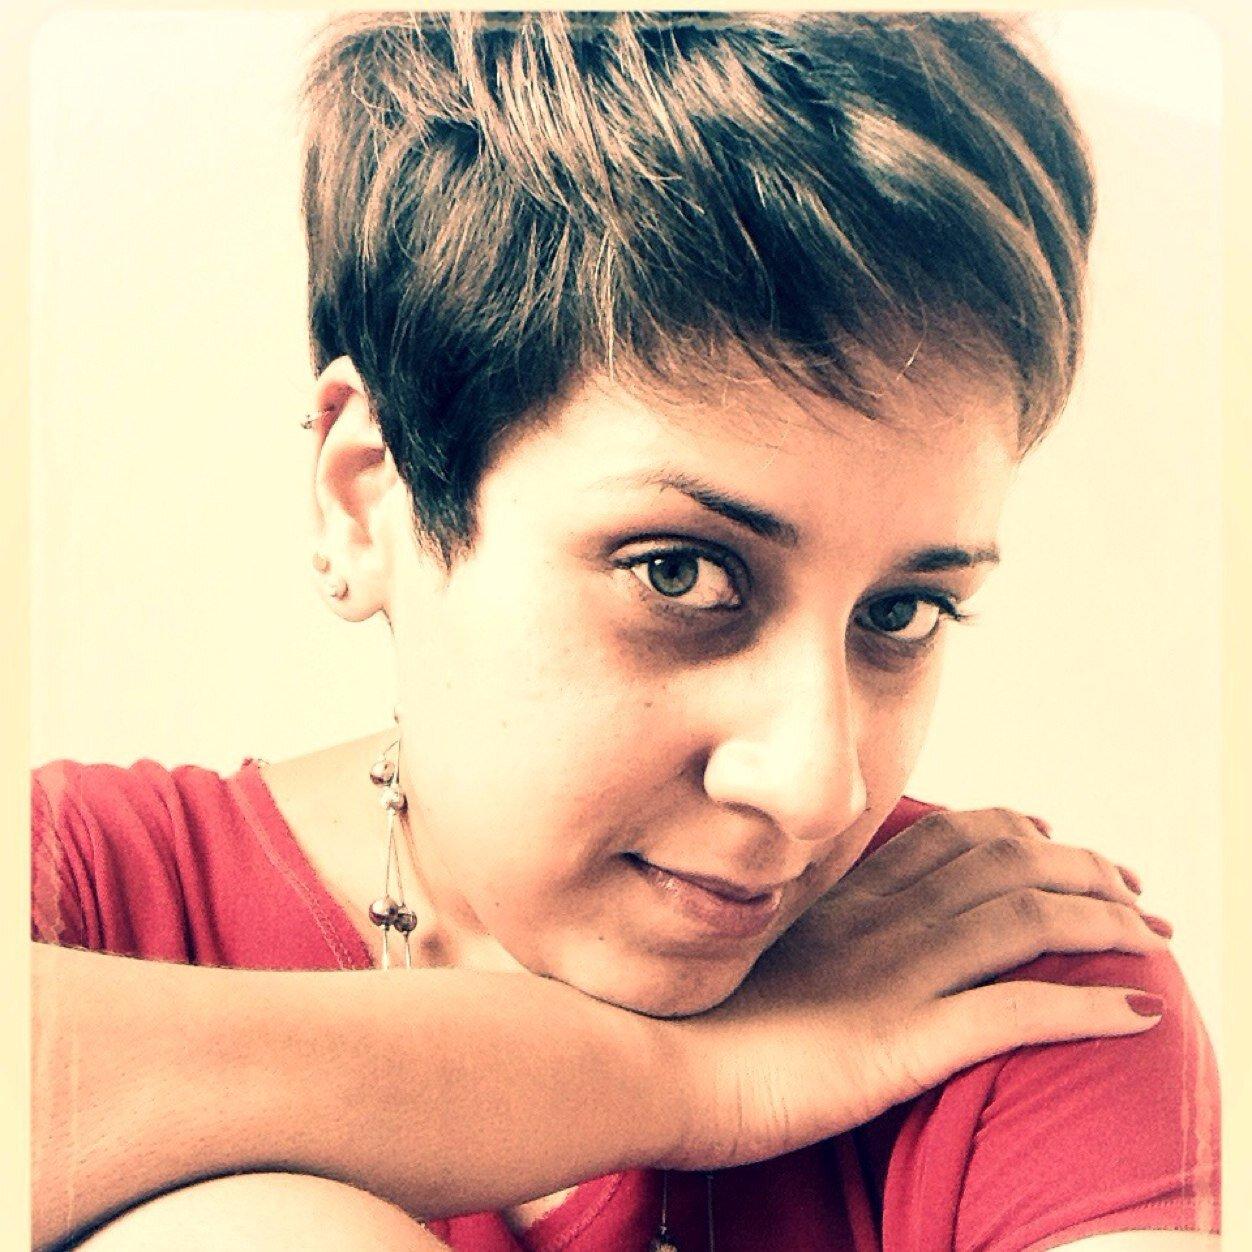 Vanessa Correa de Oliveira